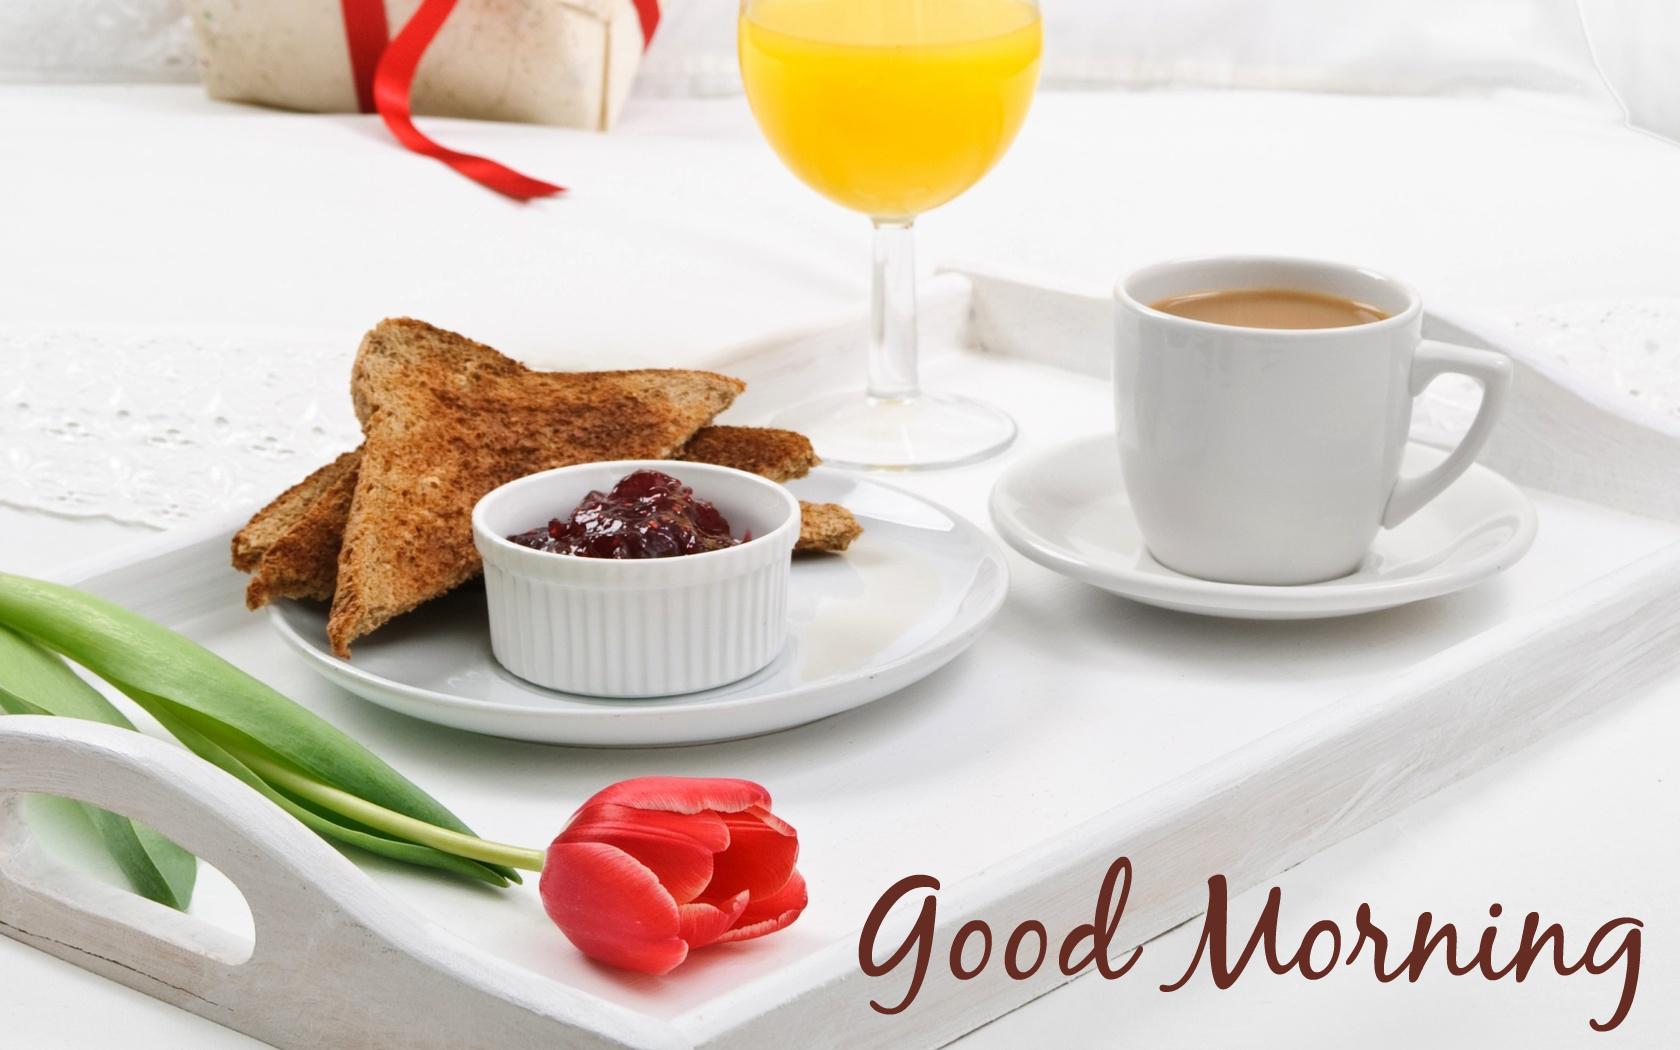 بالصور صور صباح خير , احلى صور صباح الخير 5386 11